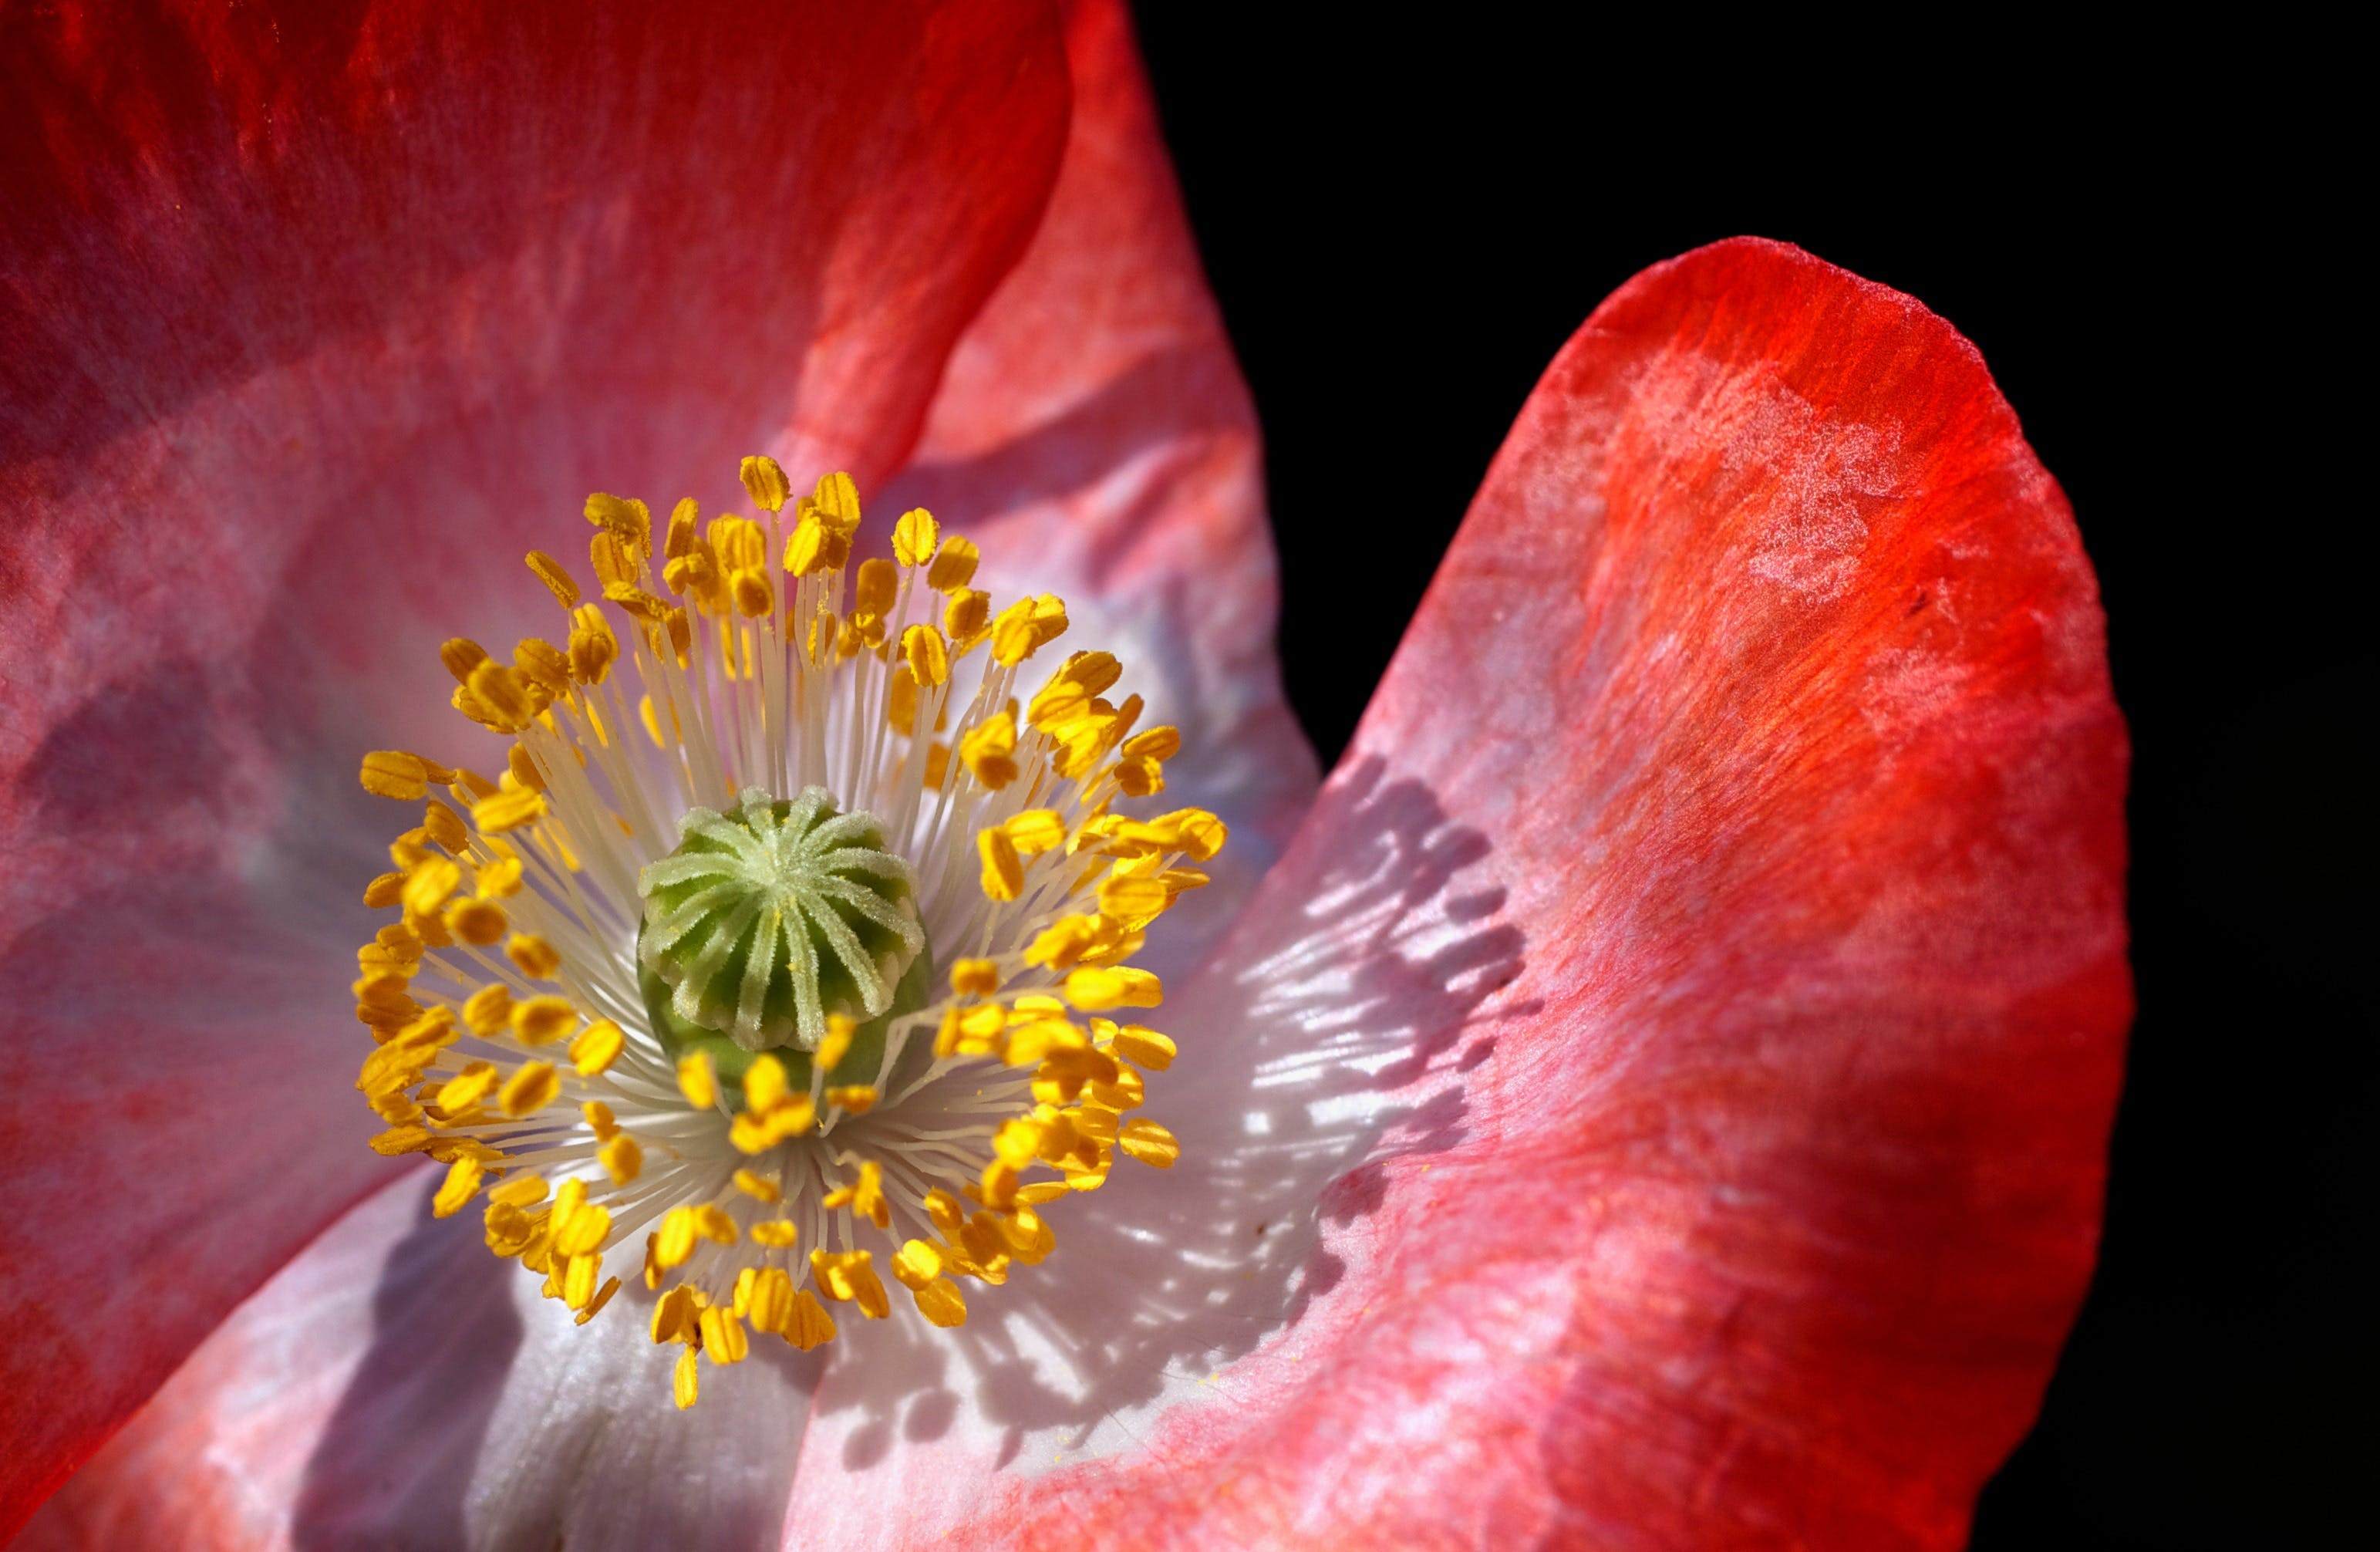 植物群, 特寫, 綻放, 罌粟 的 免费素材照片